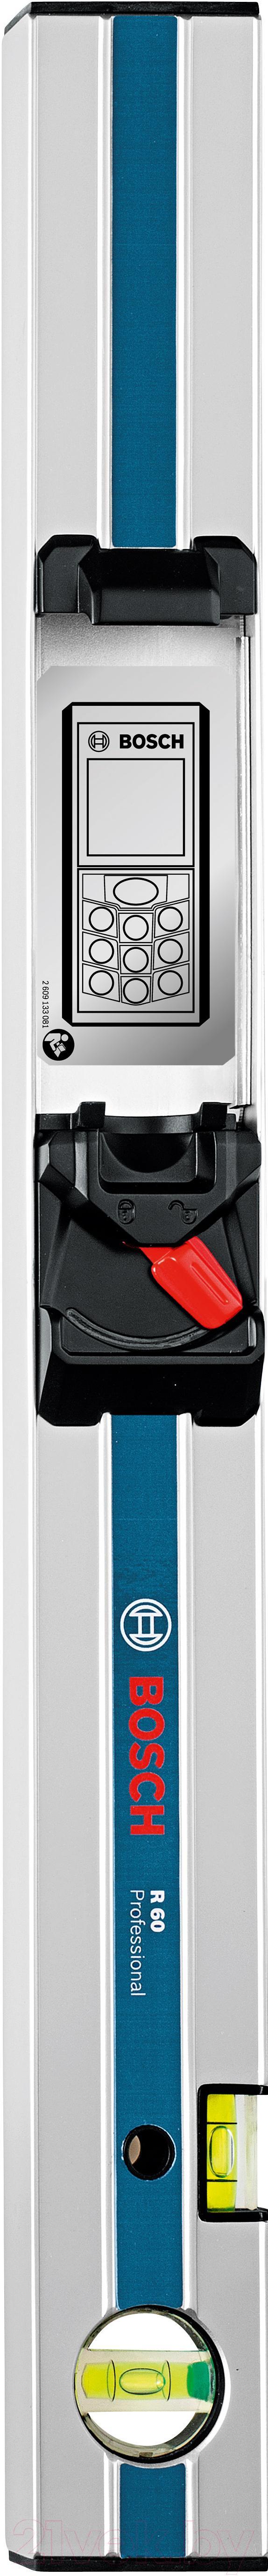 Купить Линейка измерительная Bosch, R 60 (0.601.079.000), Китай